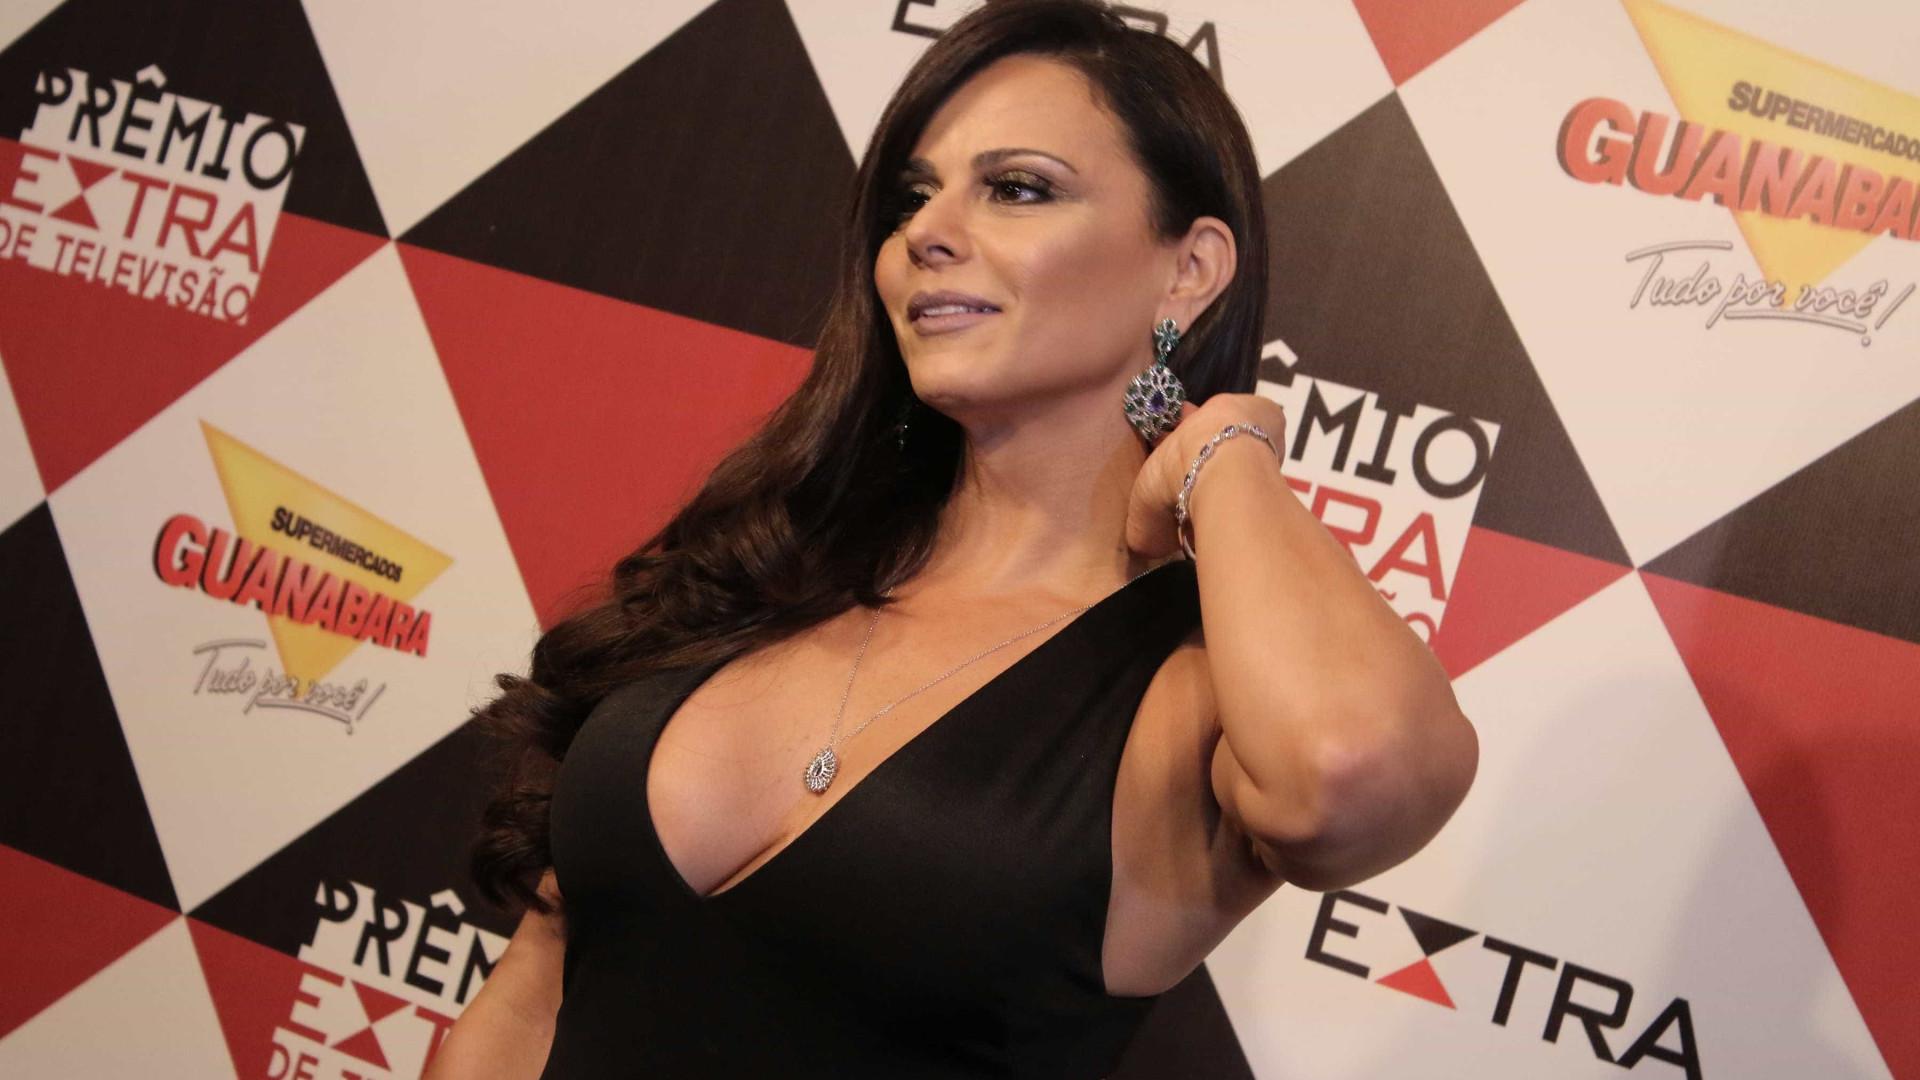 Viviane Araújo esnoba convidada durante premiação, diz colunista